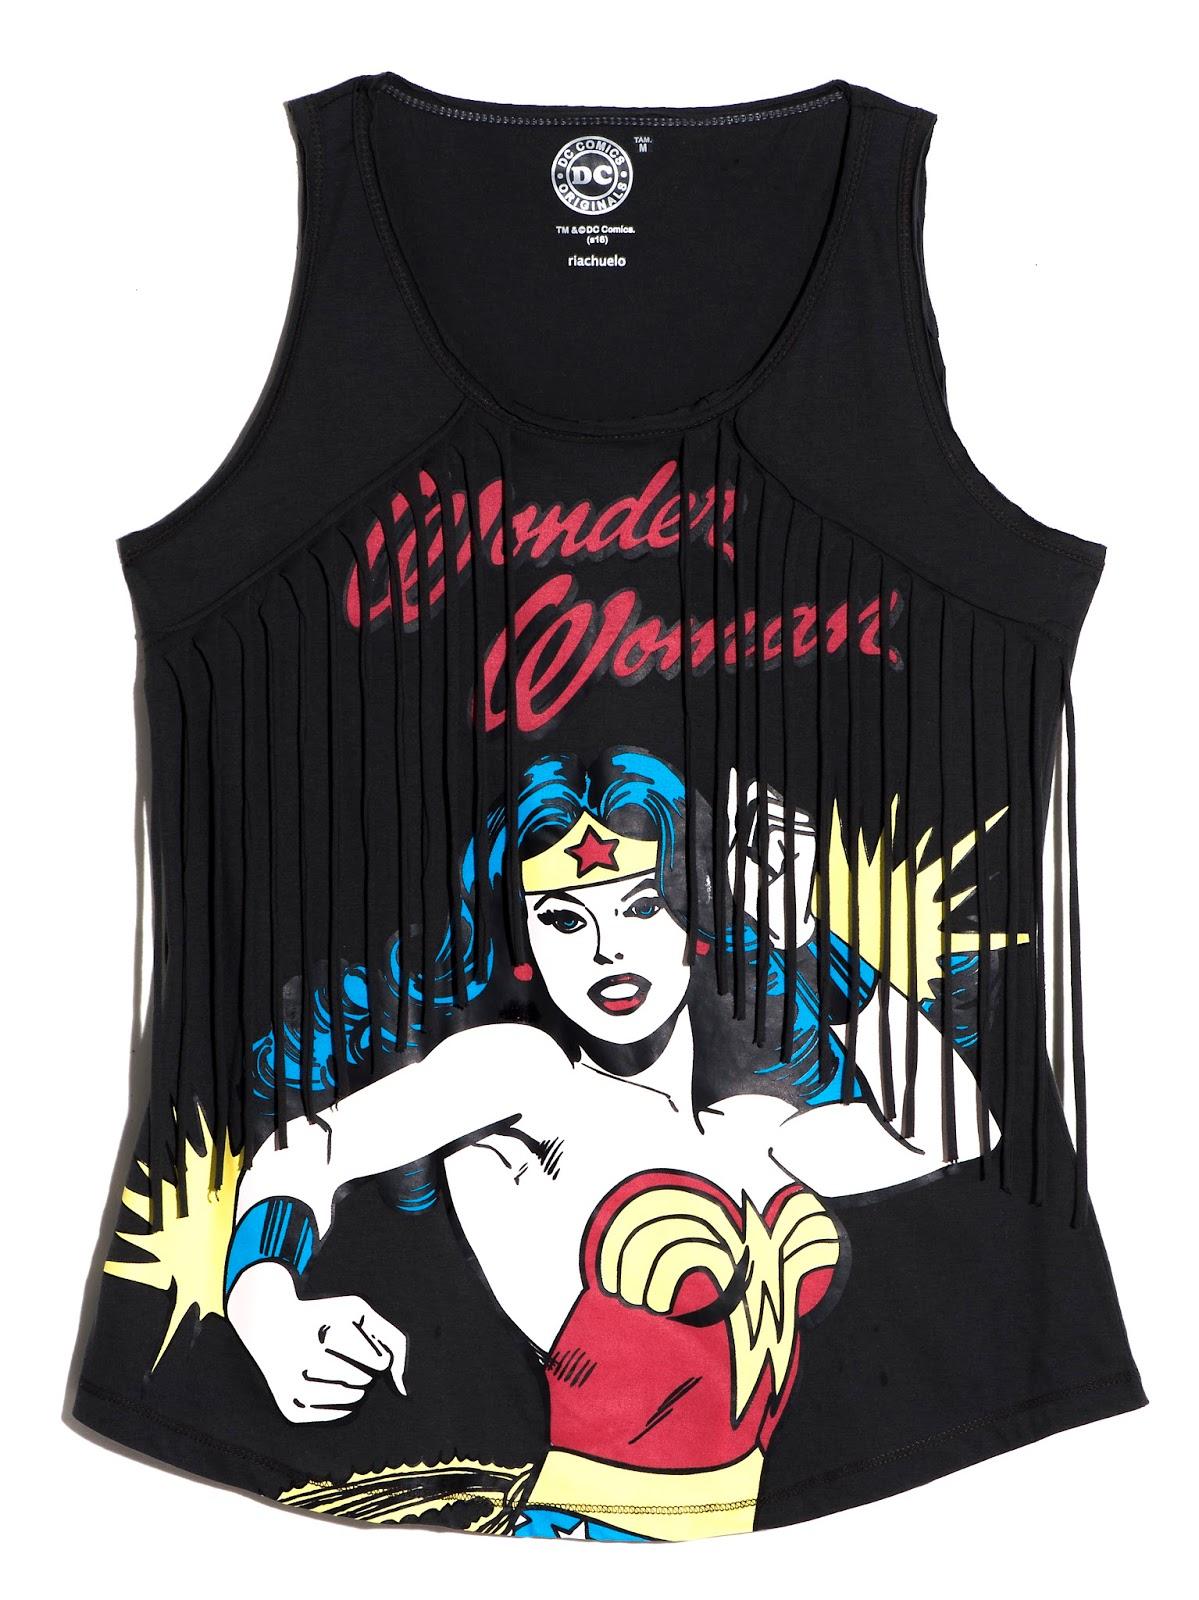 b700b5480d Glamour e Felicidade  Moda  Riachuelo sugere camisetas da Mulher ...